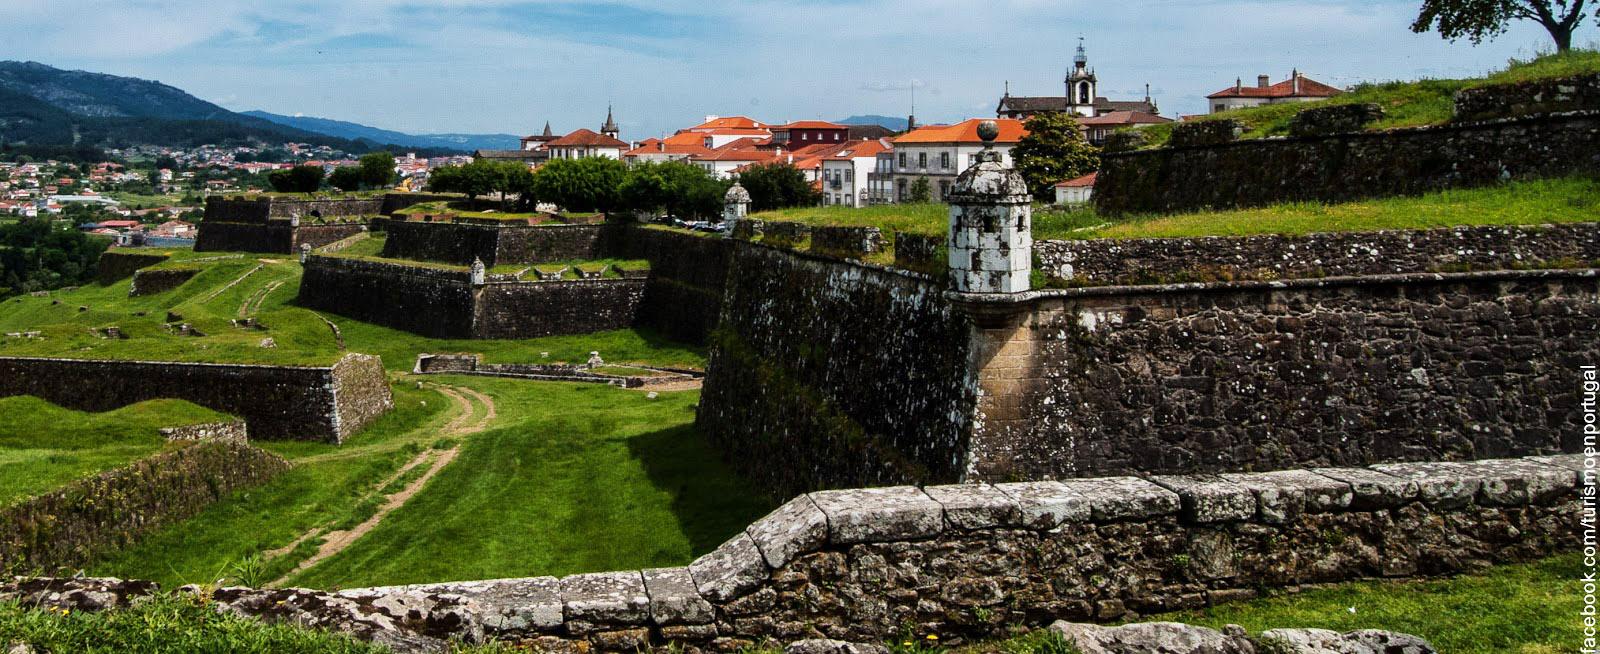 Praçaforte De Valença Starfortscom - Valenca portugal map